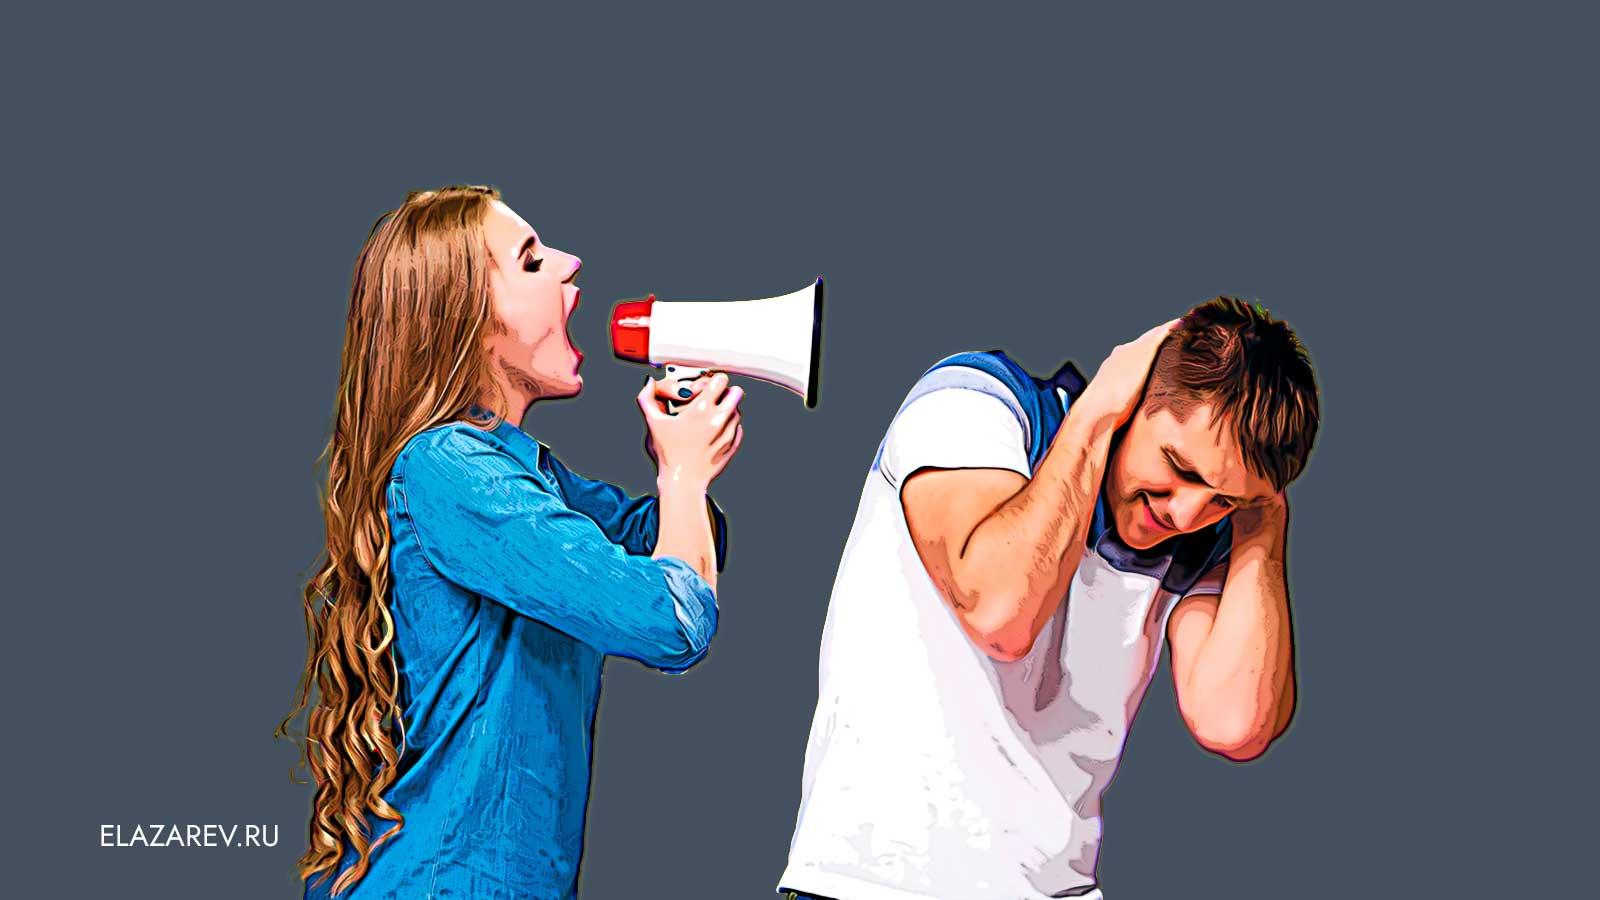 как воспринимать критику